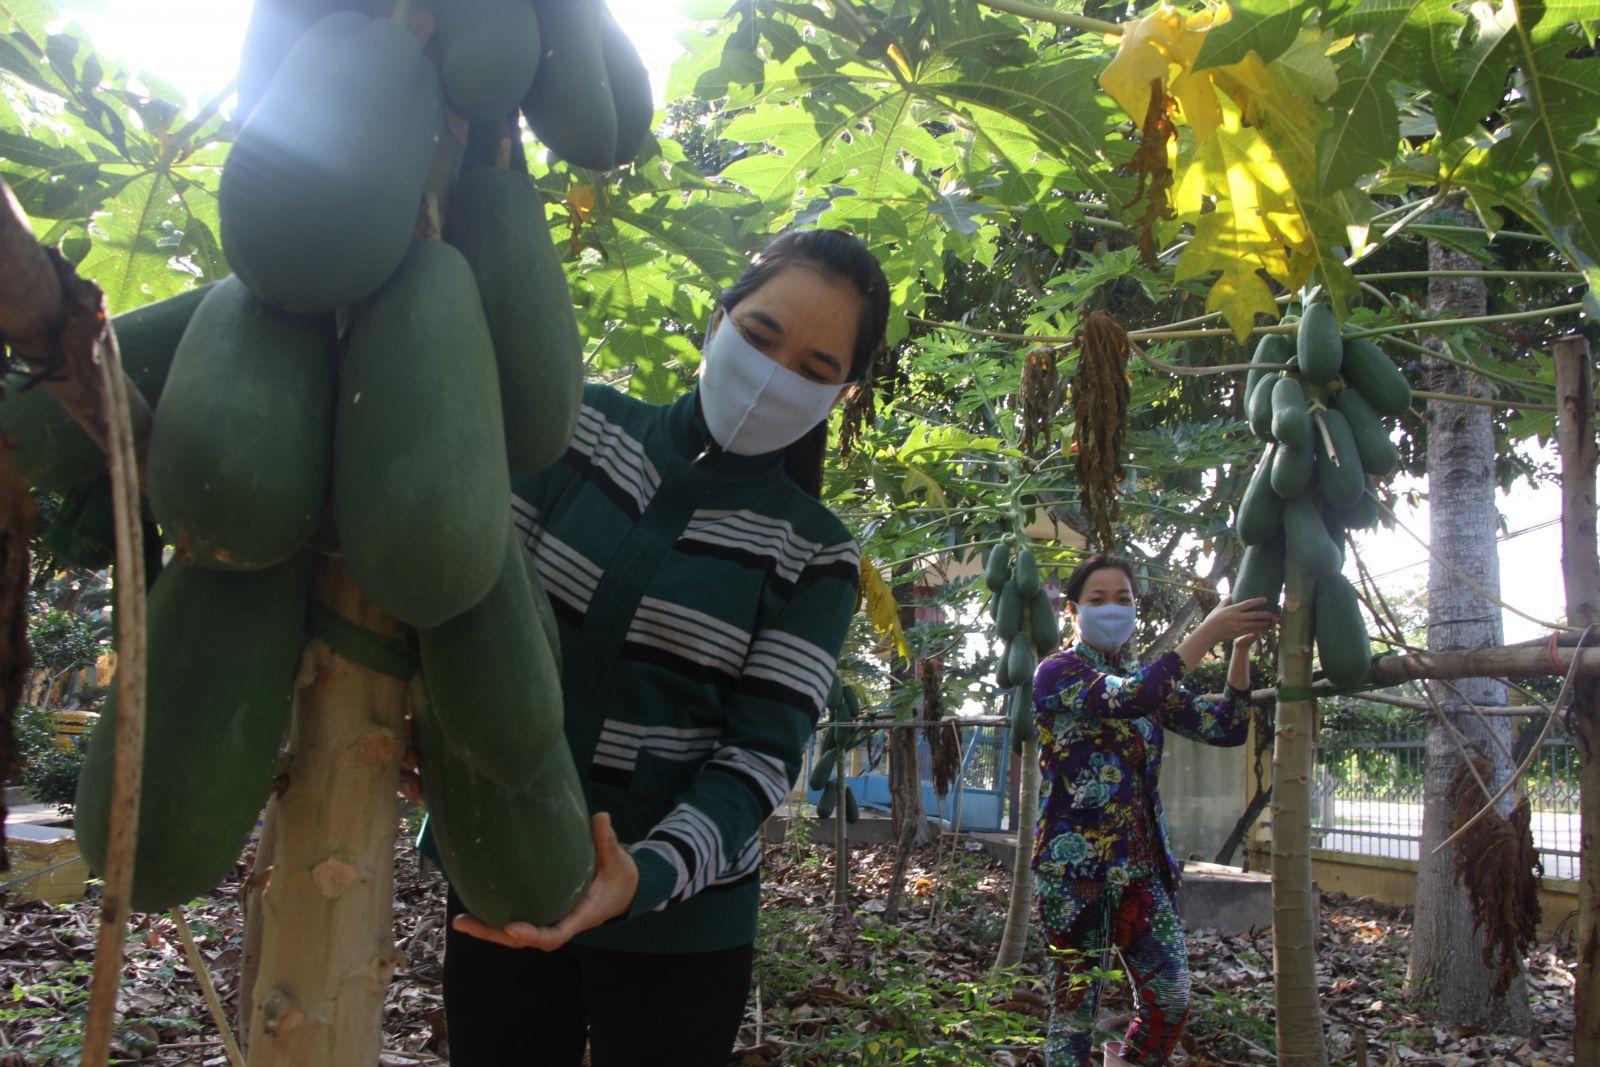 Nhờ những vườn rau, trái sạch này, học sinh trường giảm được tiền ăn trong tháng (Trong ảnh: Vườn đu đủ sai trái gần cổng trường)